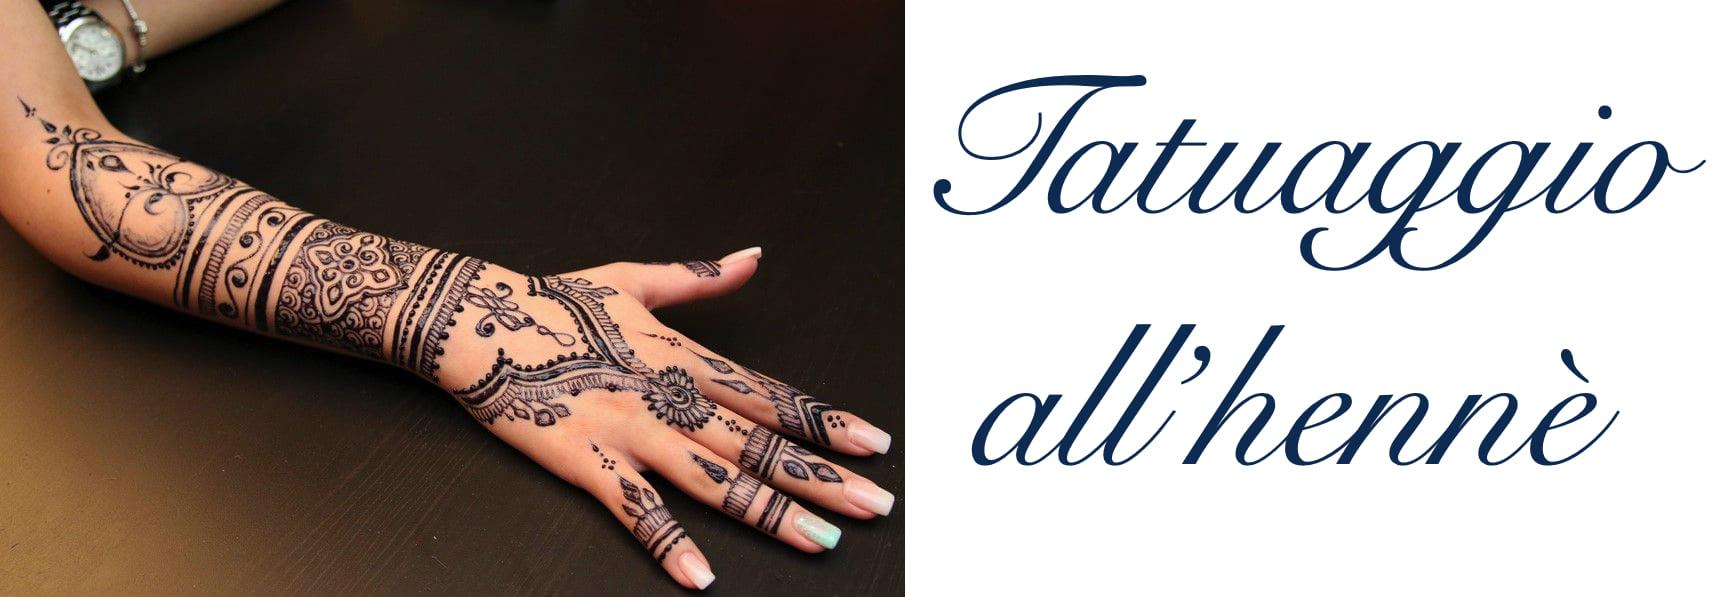 Tatuaggio Tattoo Henne Come Fare